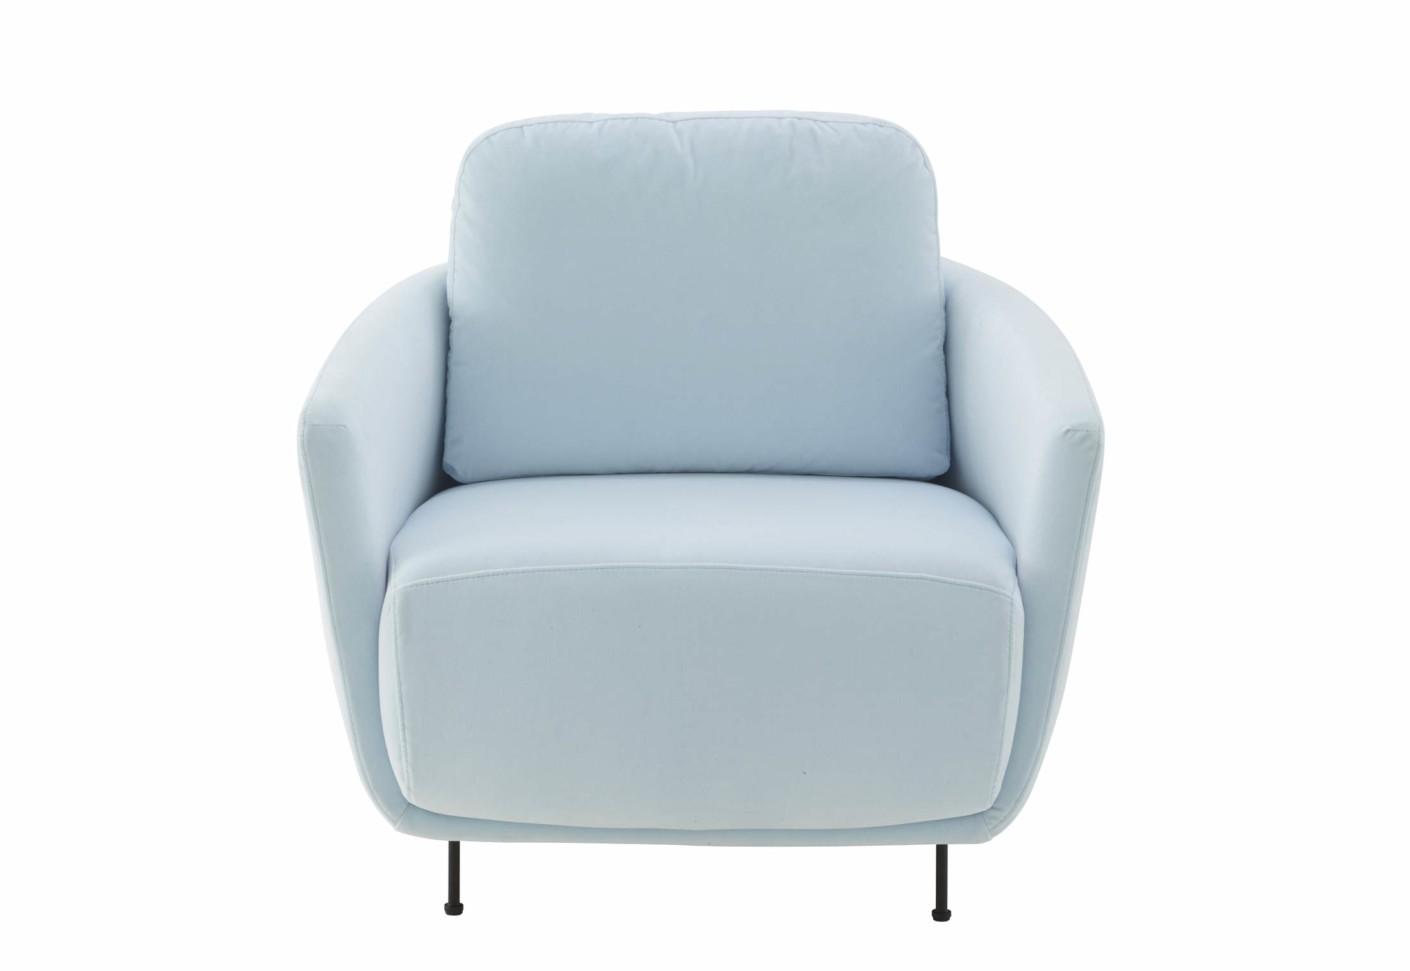 Okura Armchair By Ligne Roset Stylepark